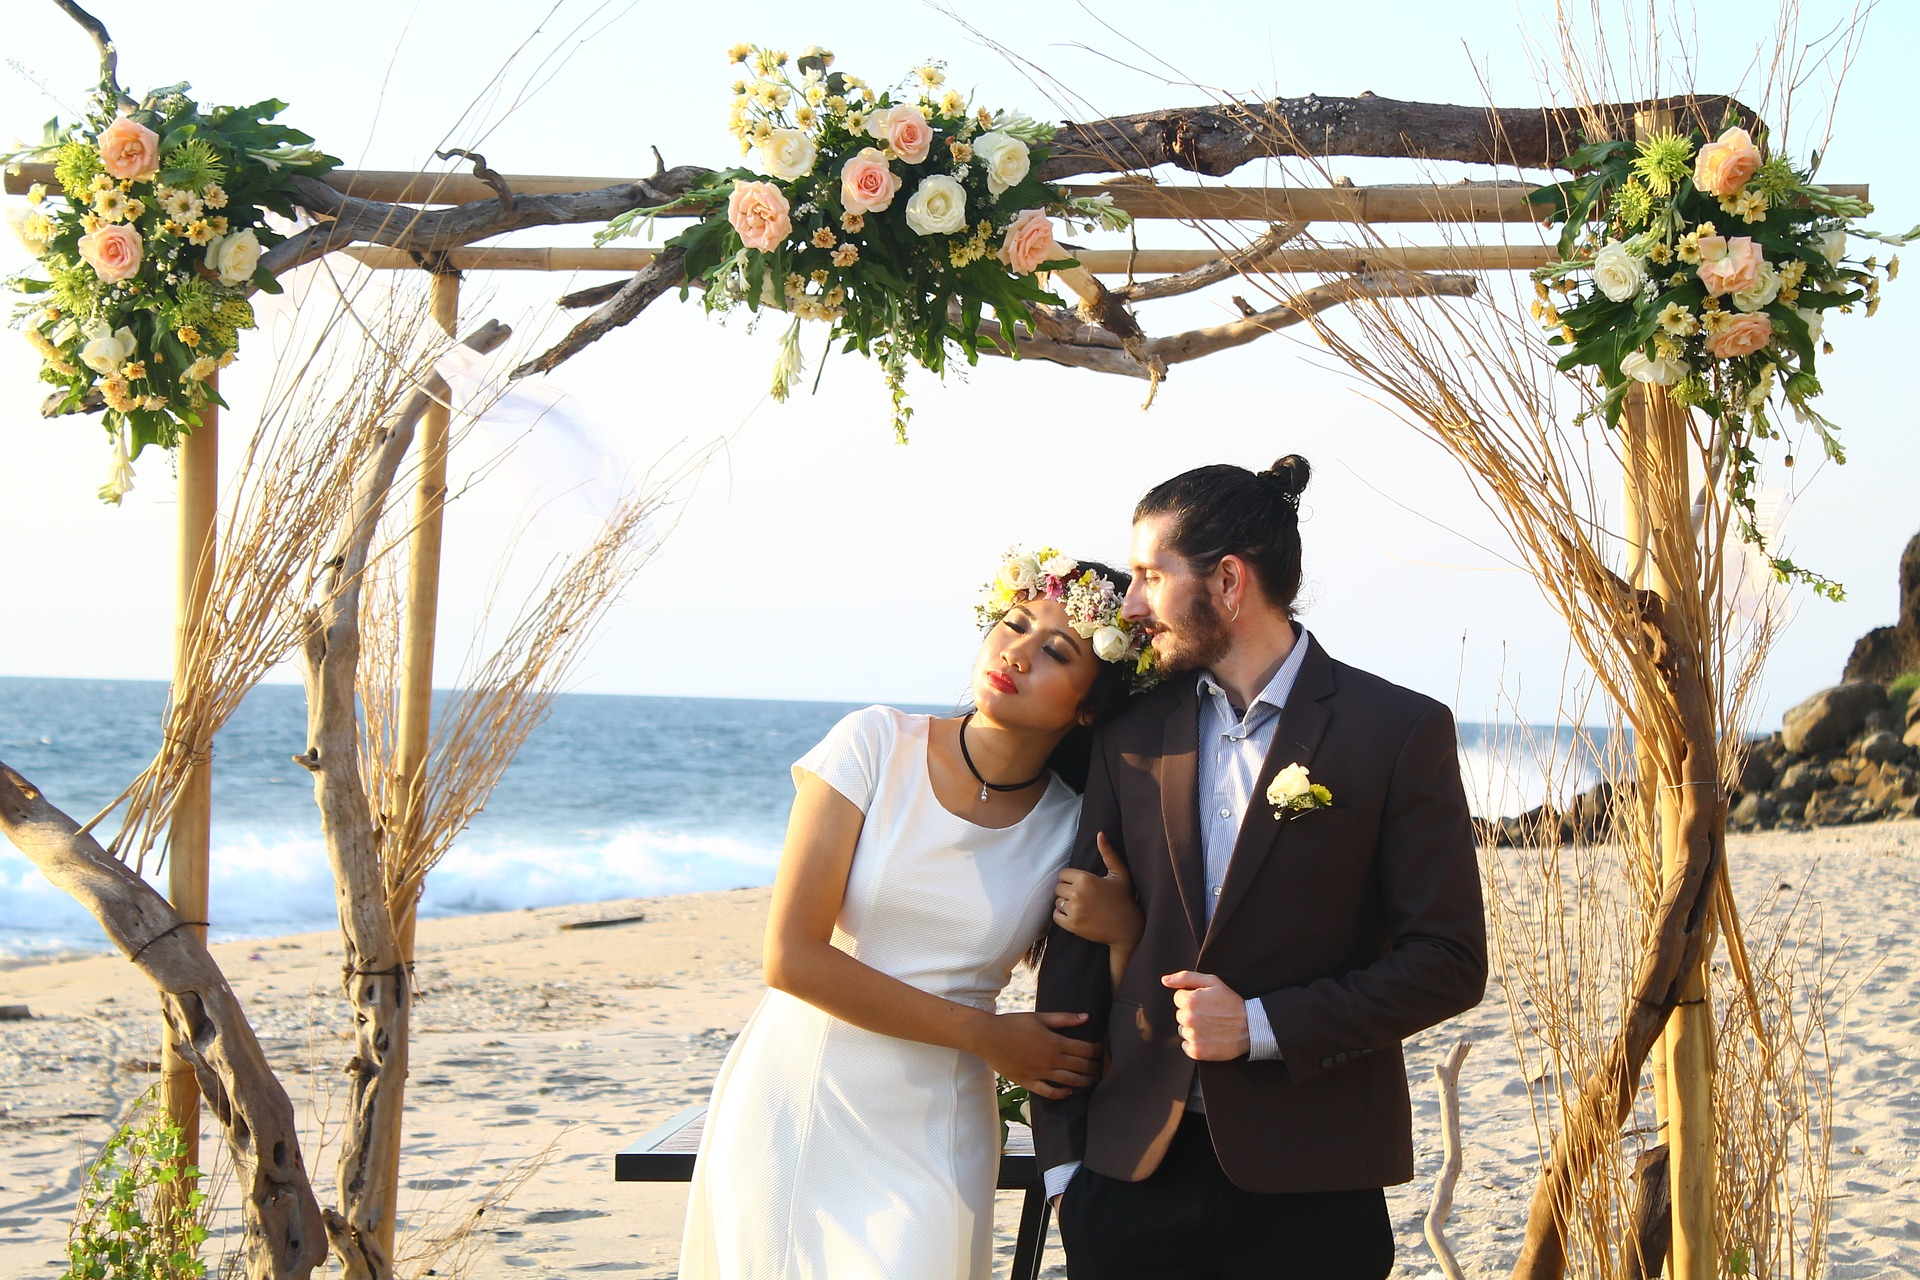 Egzotično vjenčanje na plaži na Mauricijusu